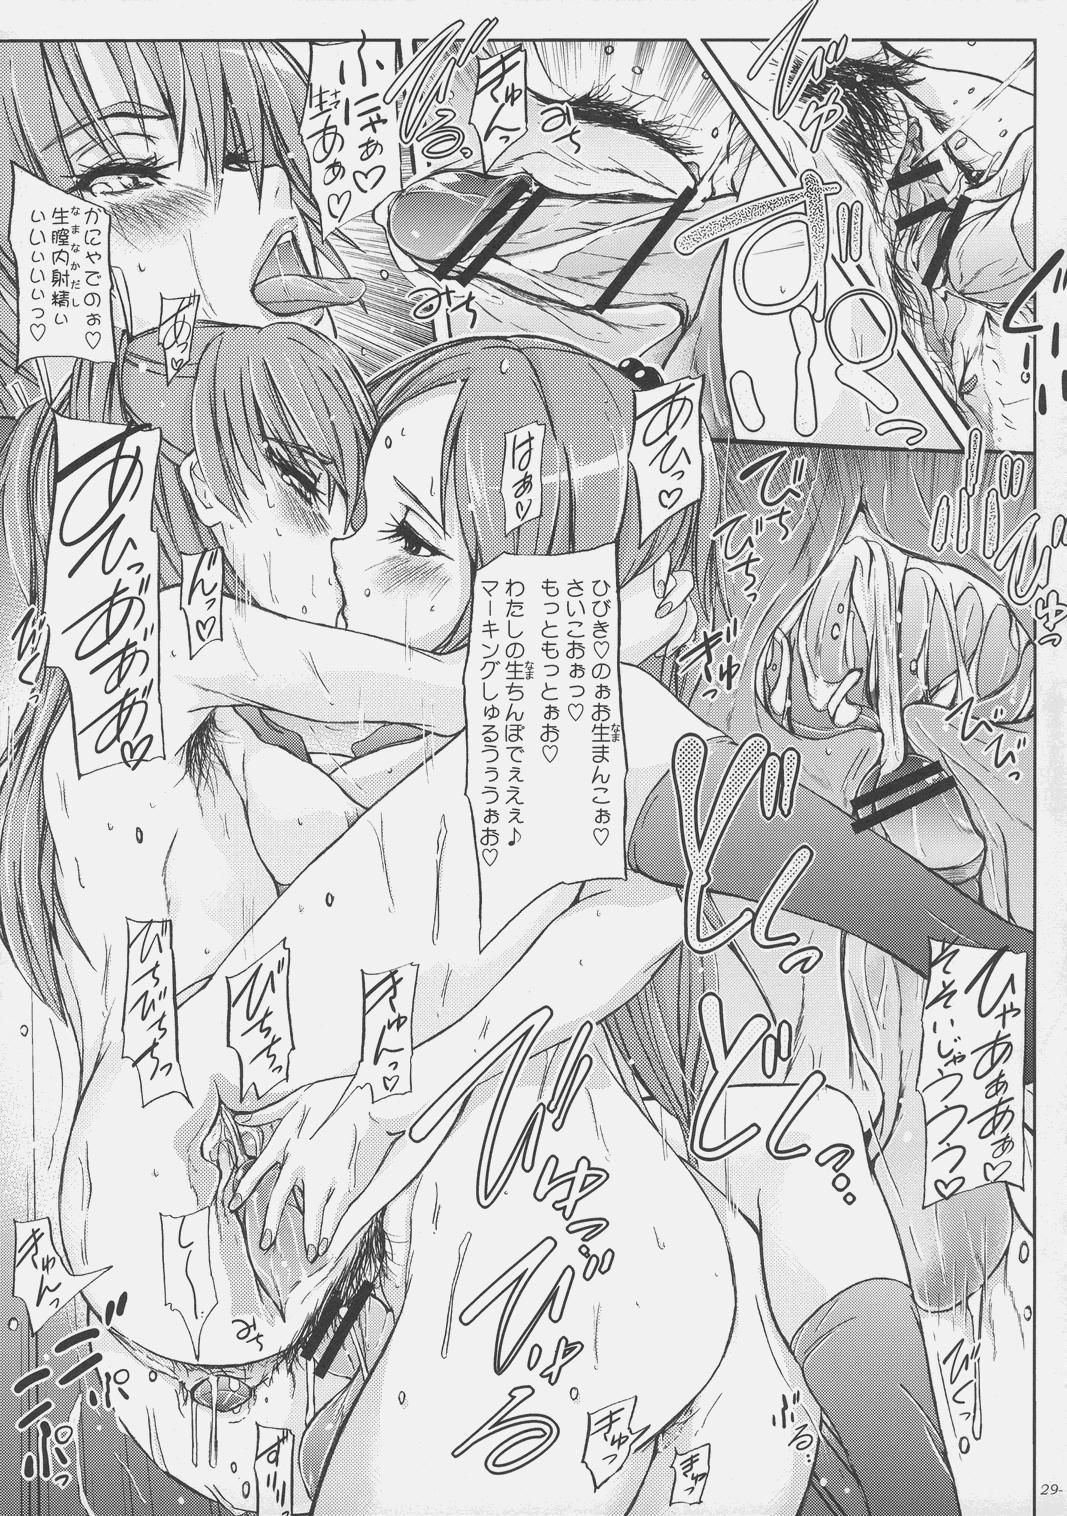 Keiyakusuru nara Anshin to Jisseki no TO-A Mahou Shoujo wo 29